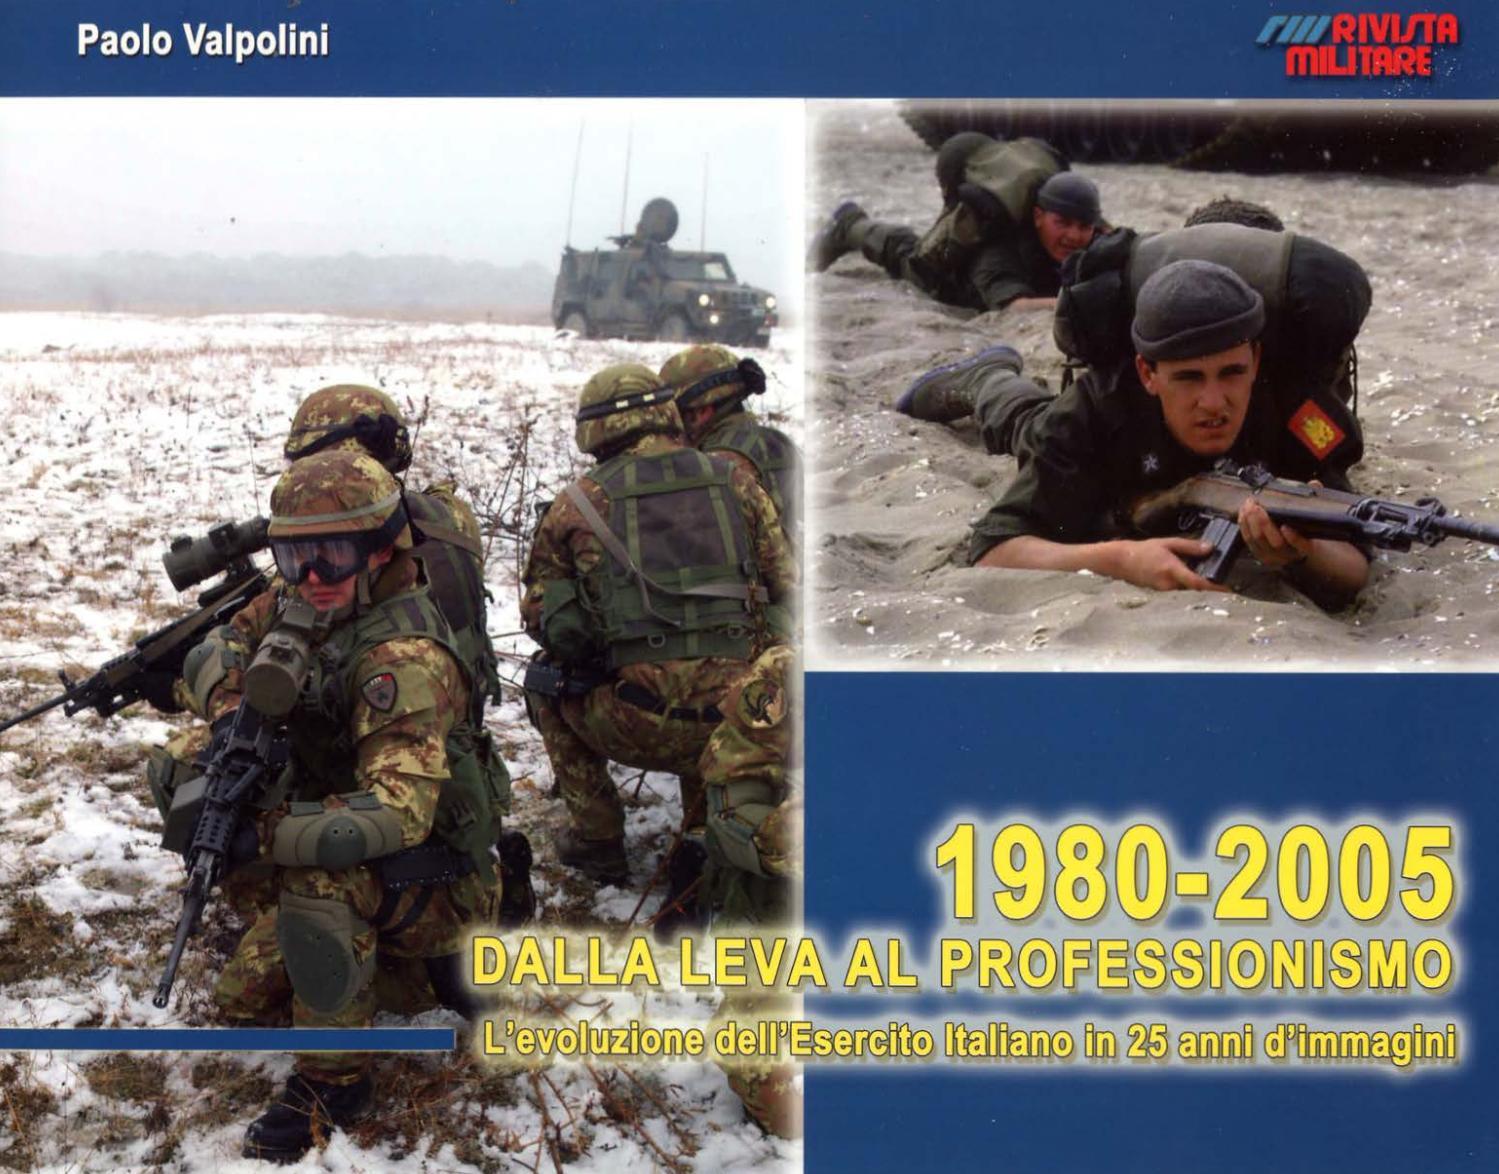 1980 – 2005 DALLA LEVA AL PROFESSIONISMO by Biblioteca Militare - issuu 4fbd6843a9a7